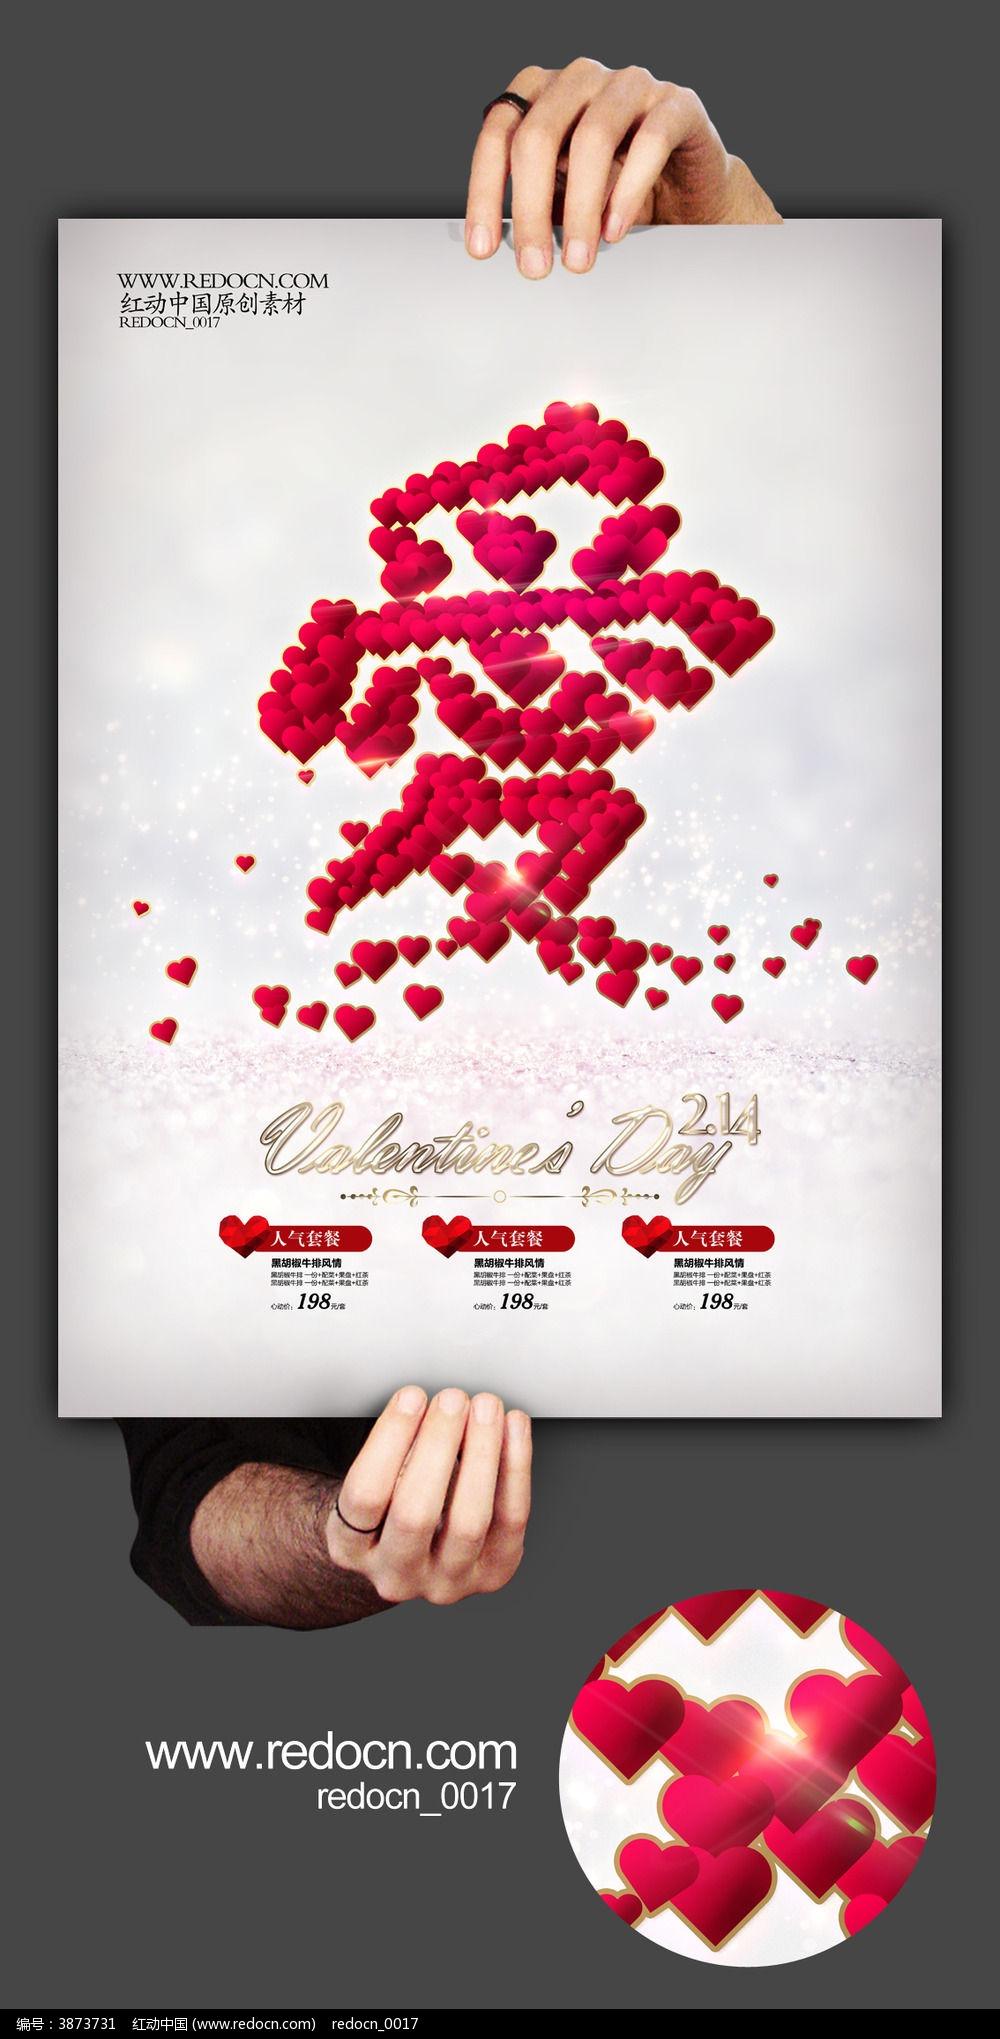 心形爱 爱心 情人节 2月14日 LOVE爱 爱情 百货 商超 情人节主题海报